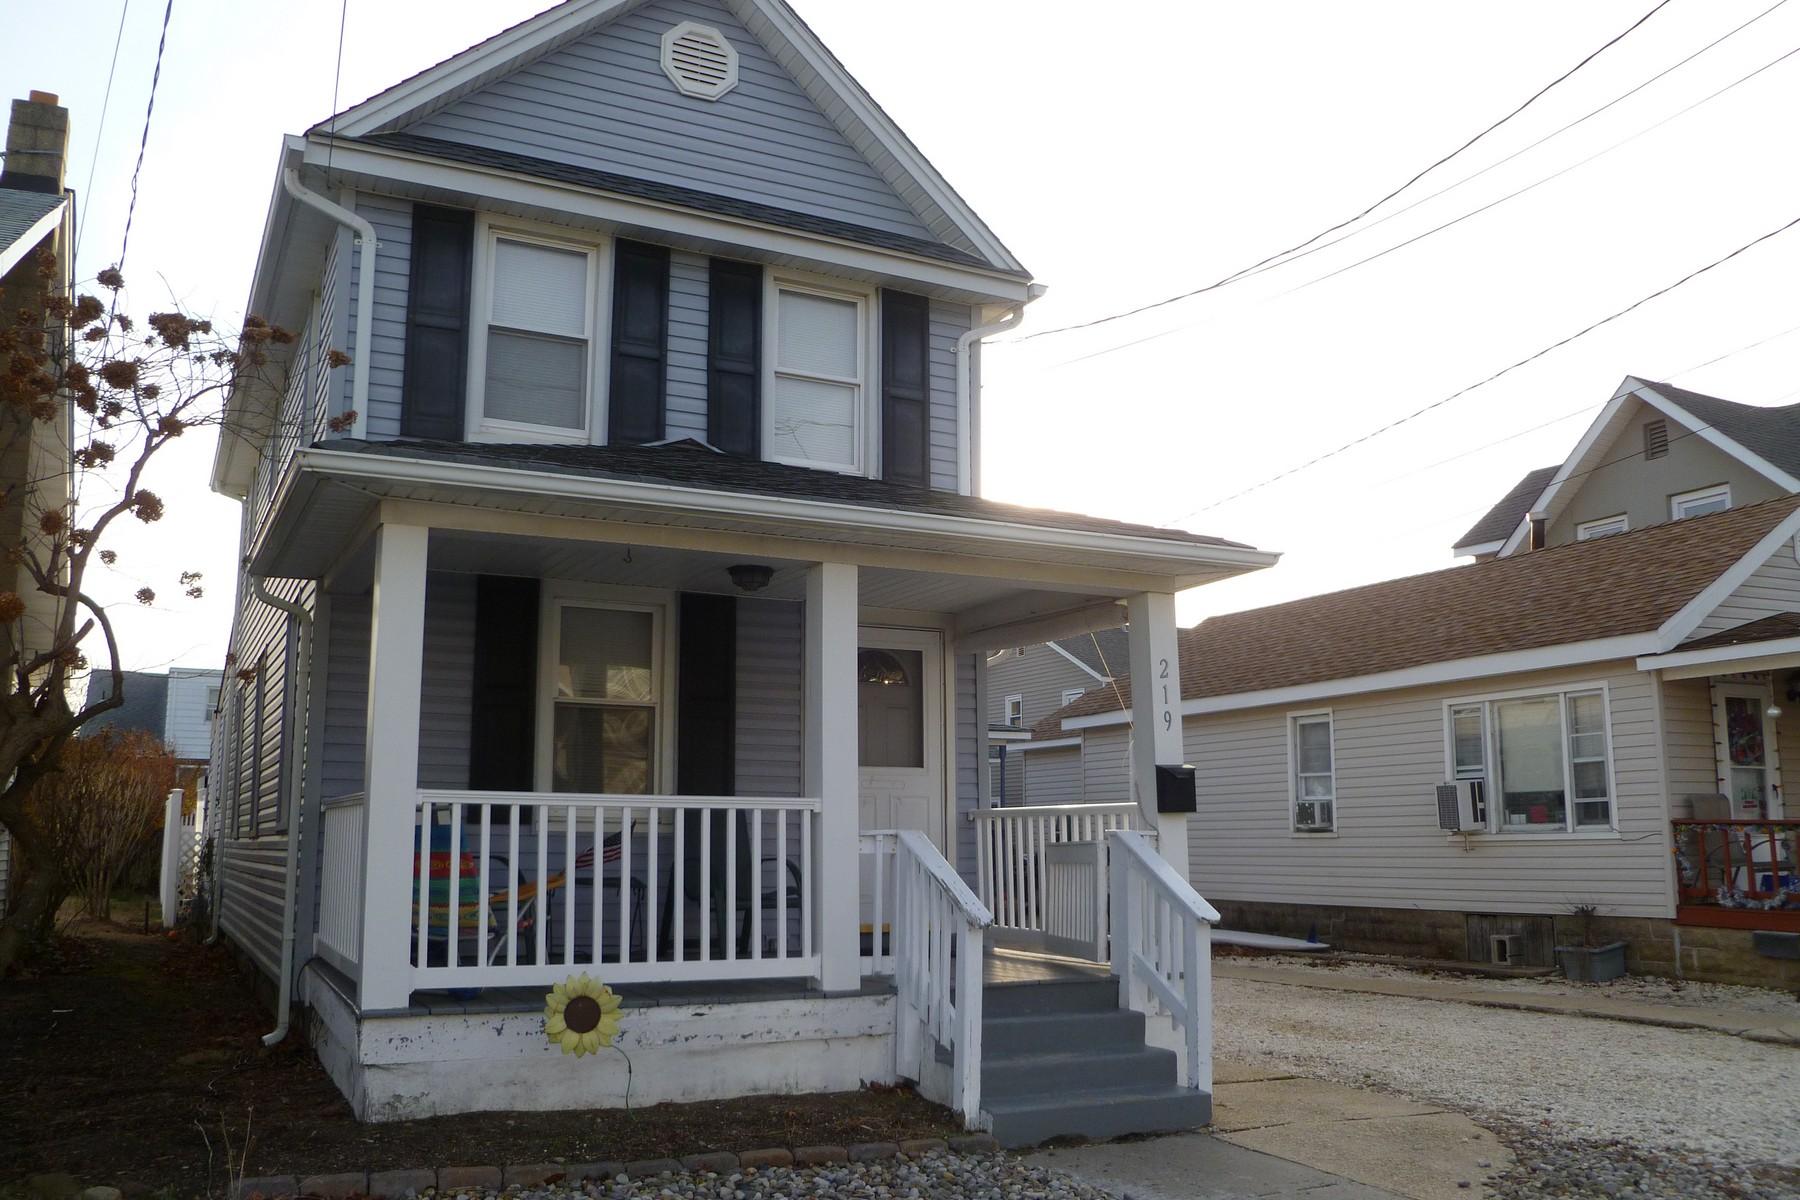 Maison unifamiliale pour l Vente à 2 Blocks to the beach 219 15th Ave Belmar, New Jersey 07719 États-Unis